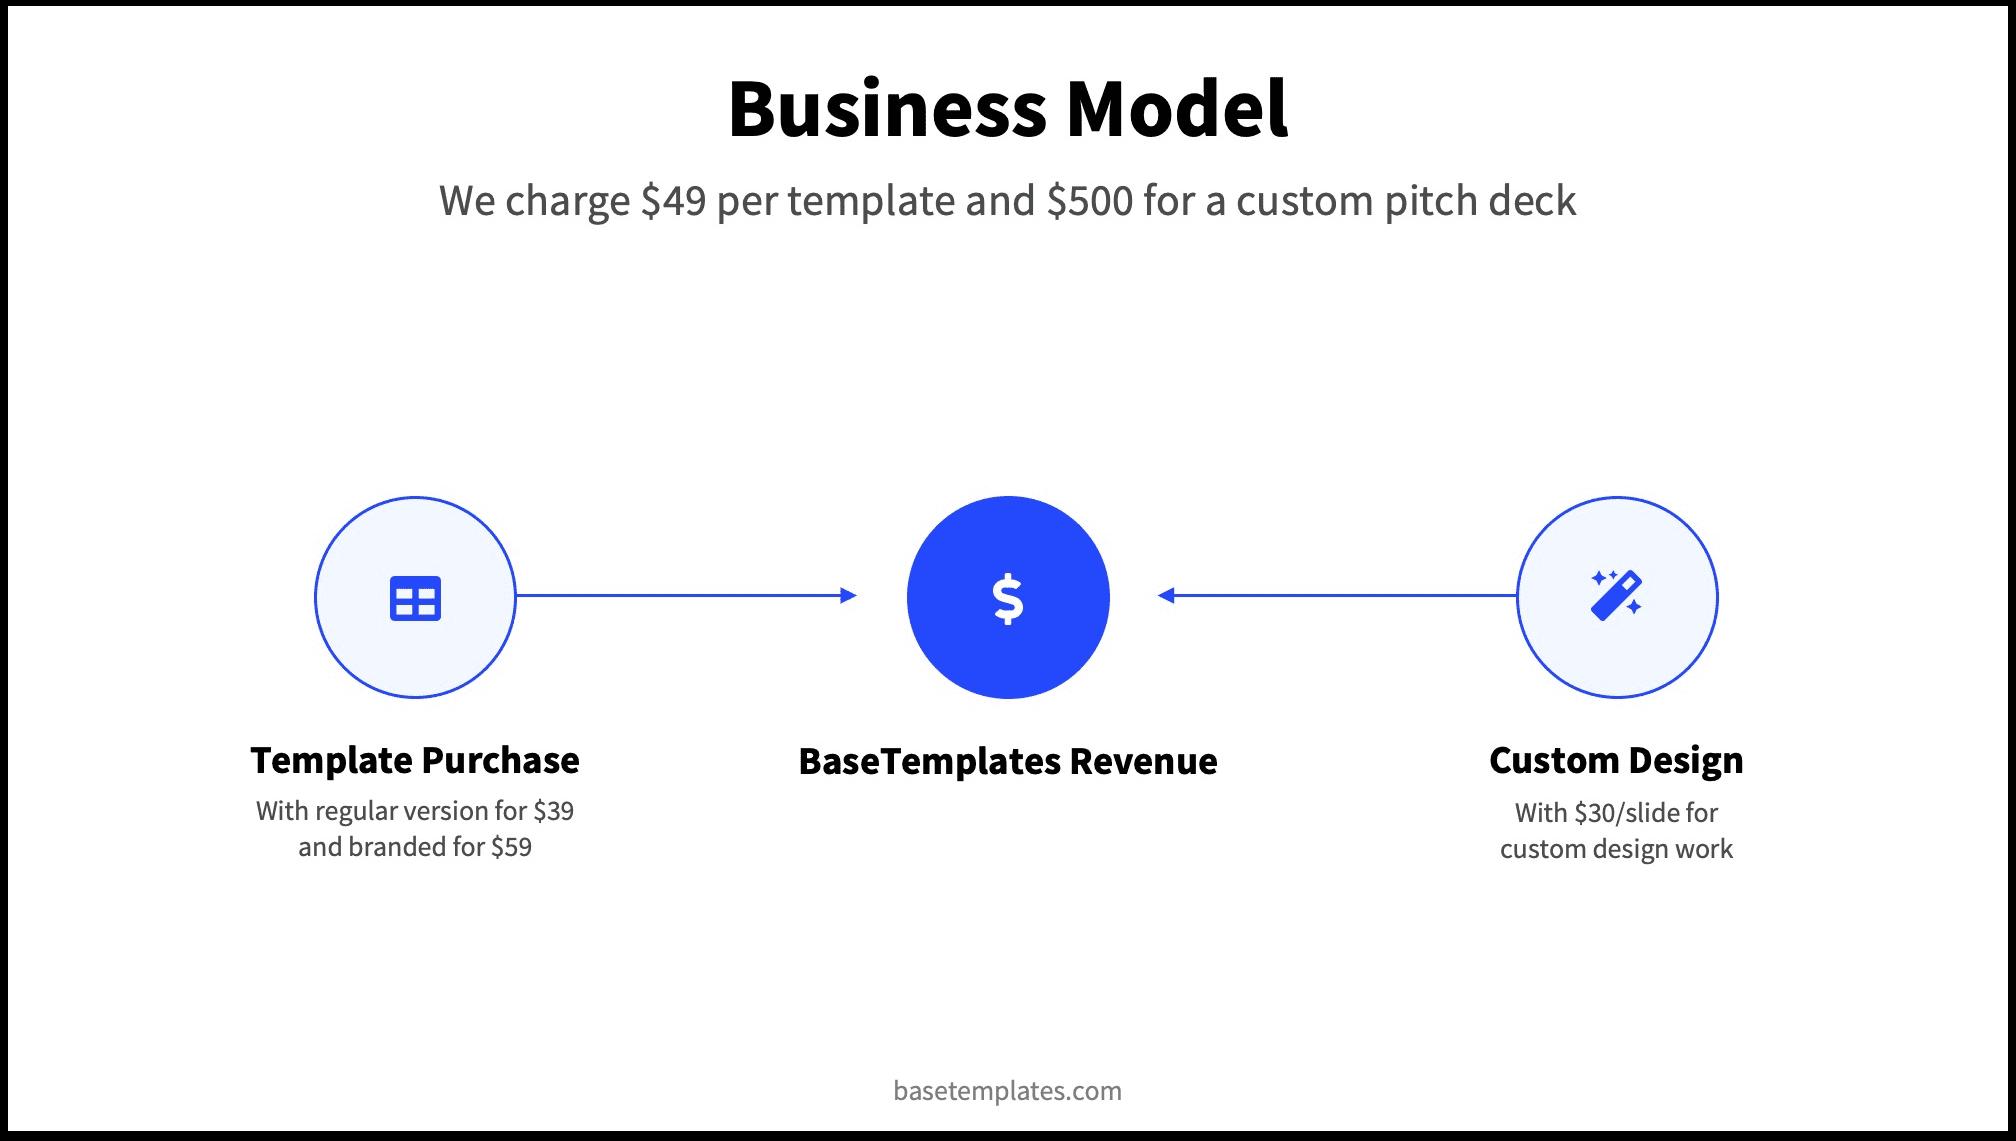 Pitch Deck Template Viewer: Business Model - BaseTemplates